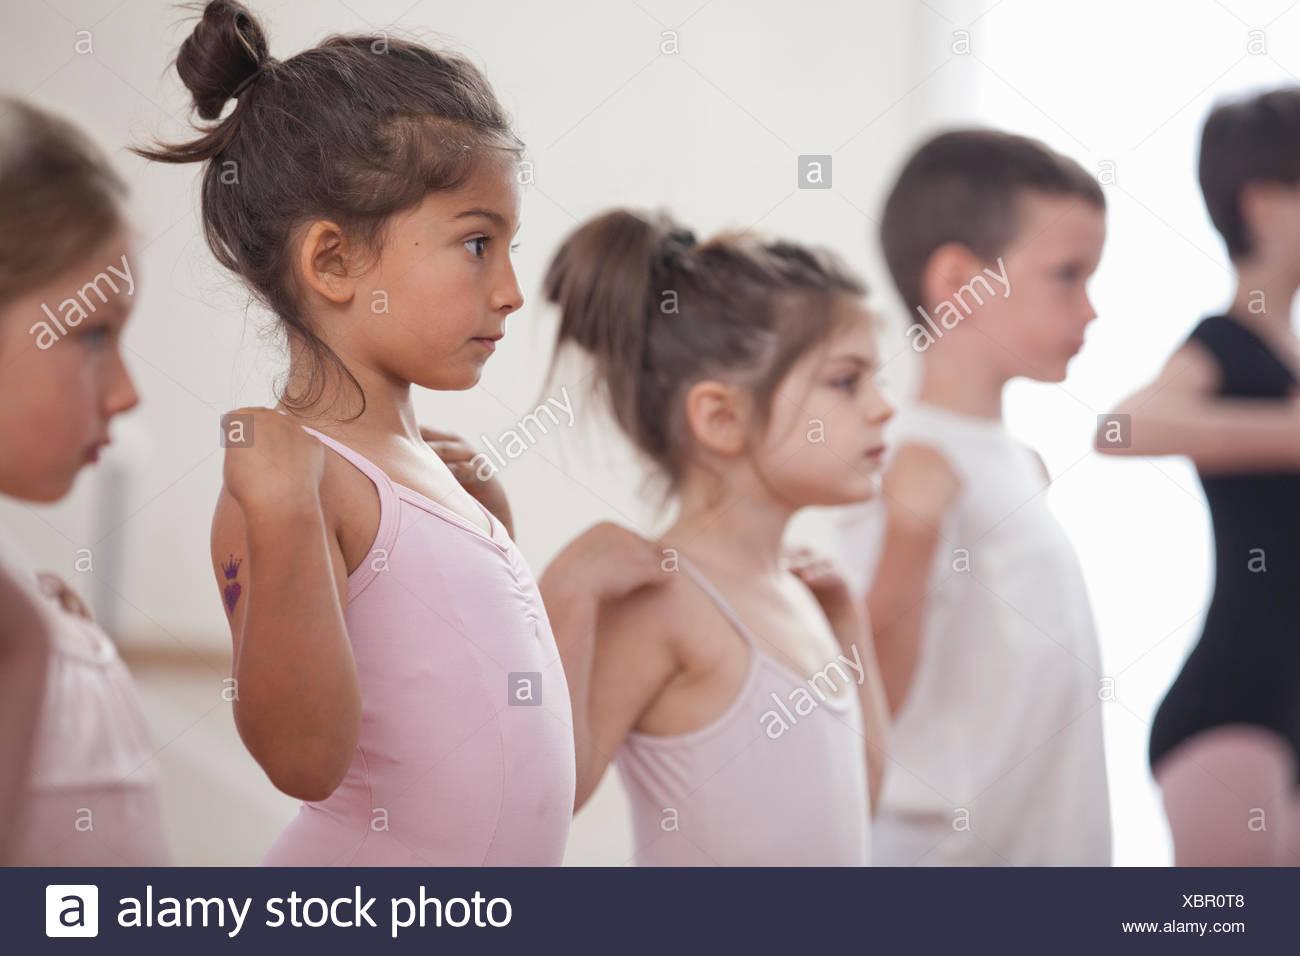 Row of children practicing in ballet school - Stock Image